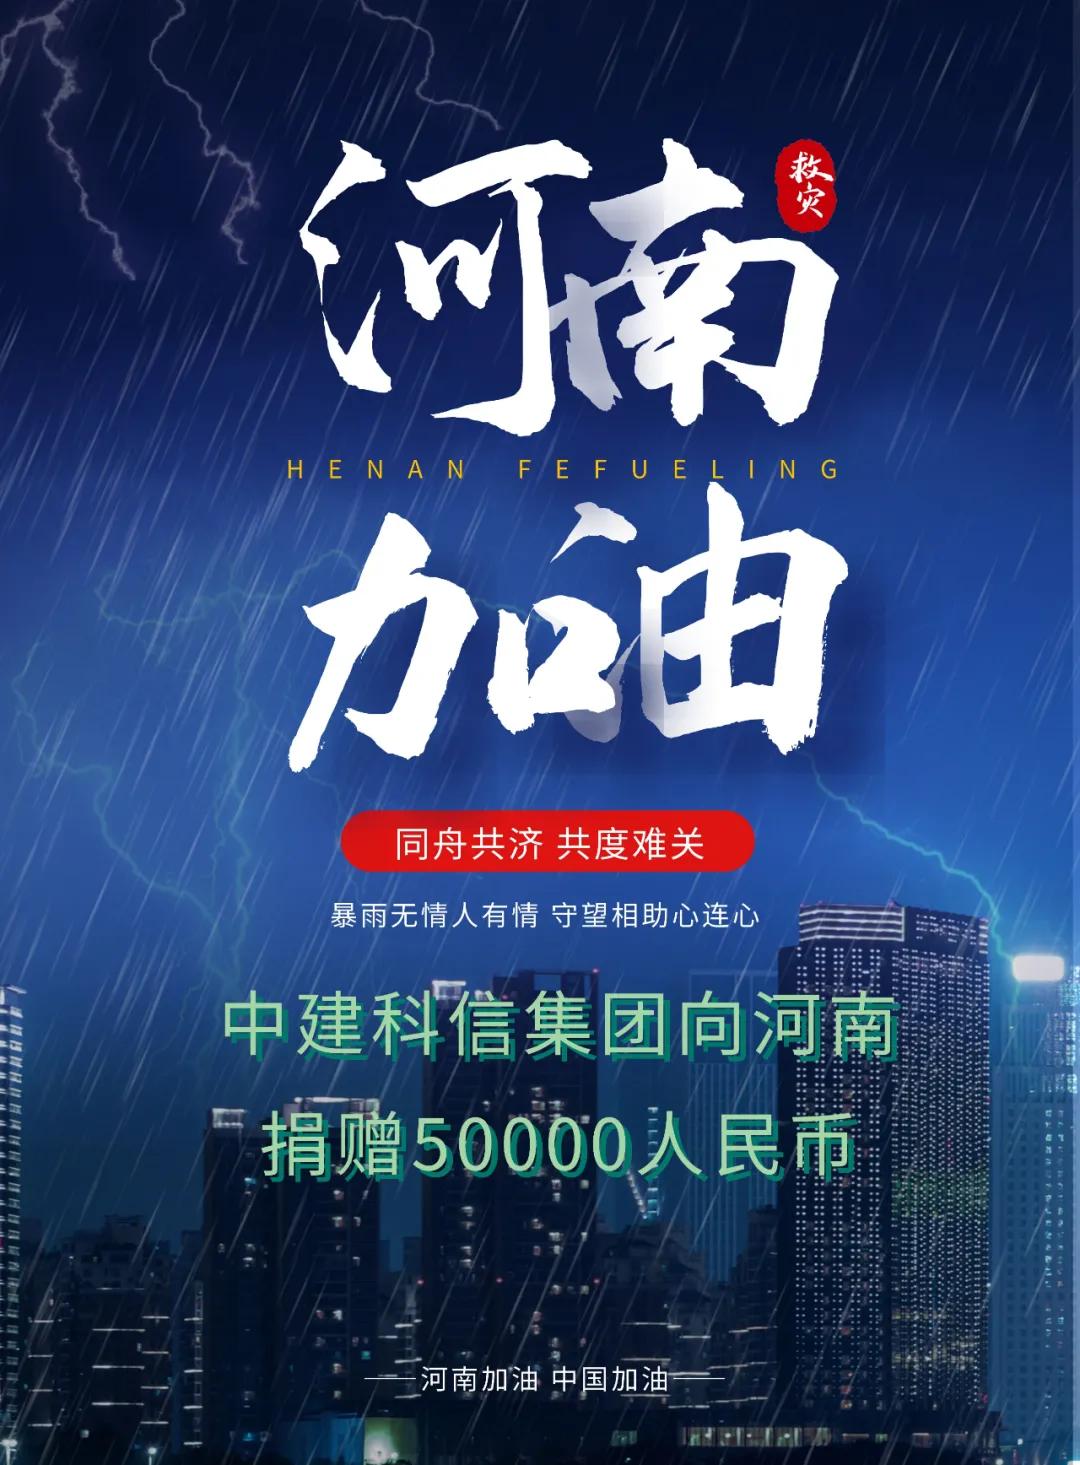 风雨同路丨中建科信集团捐赠5万元 支援河南防汛救灾